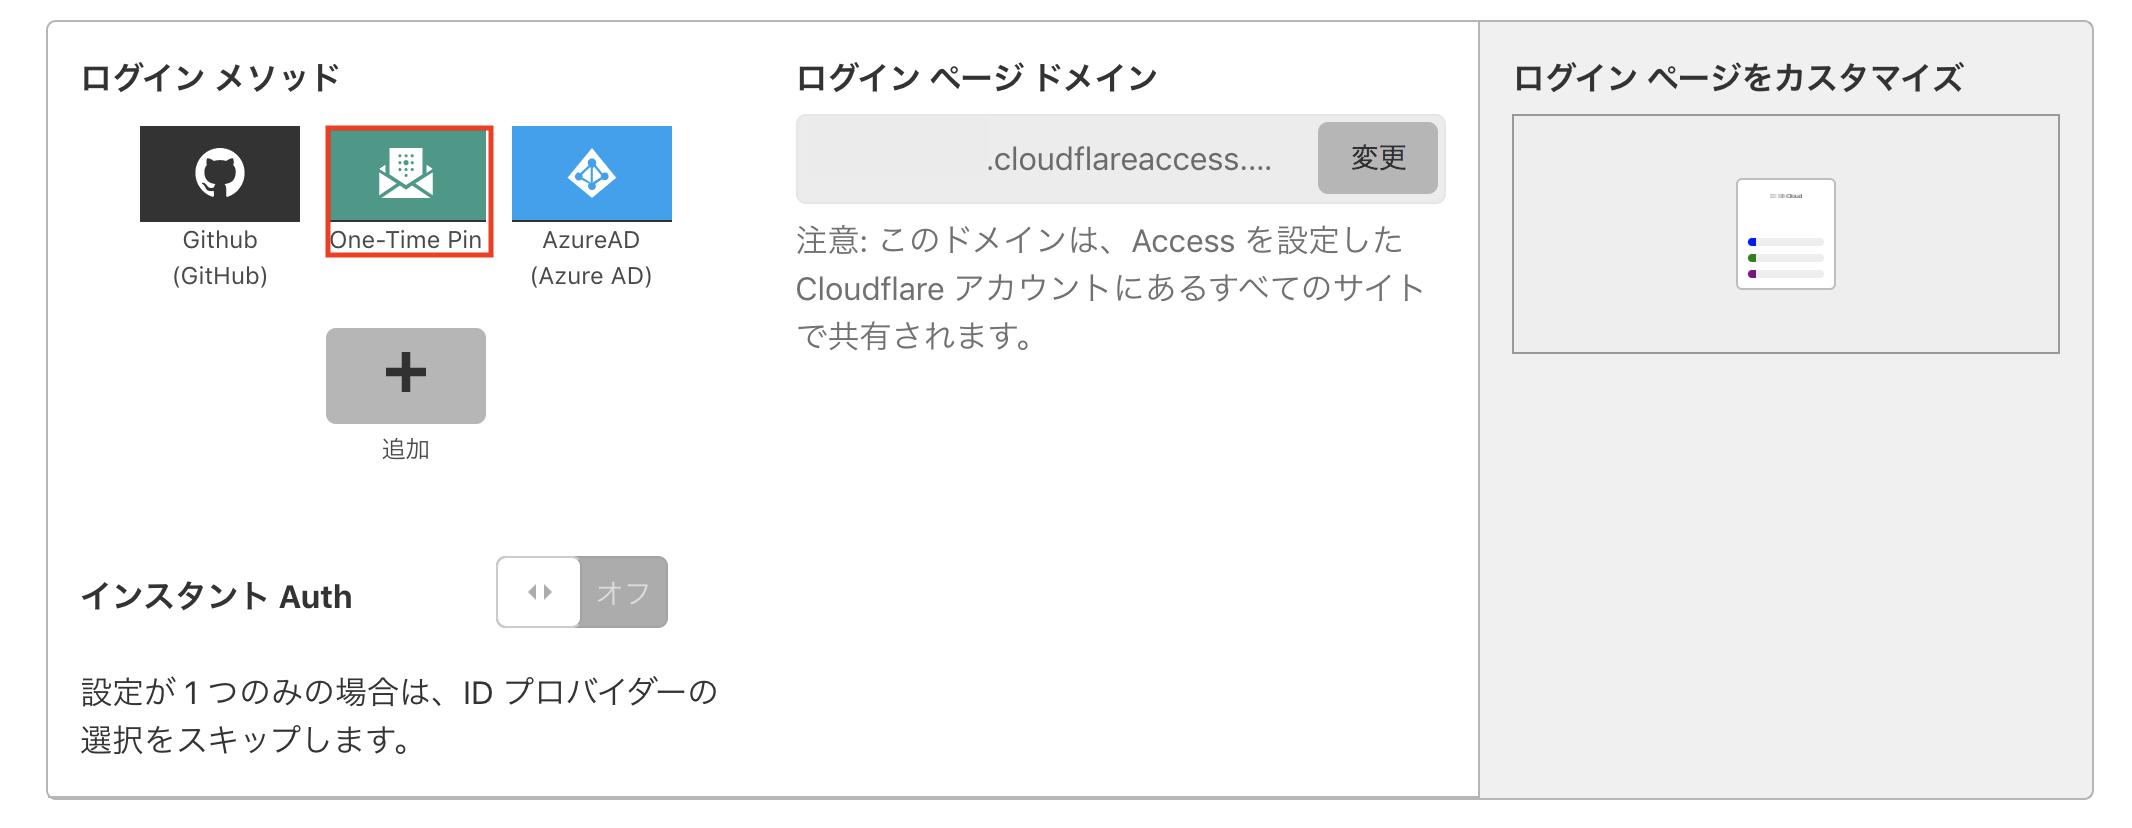 f:id:sbc_saito:20210316190027p:plain